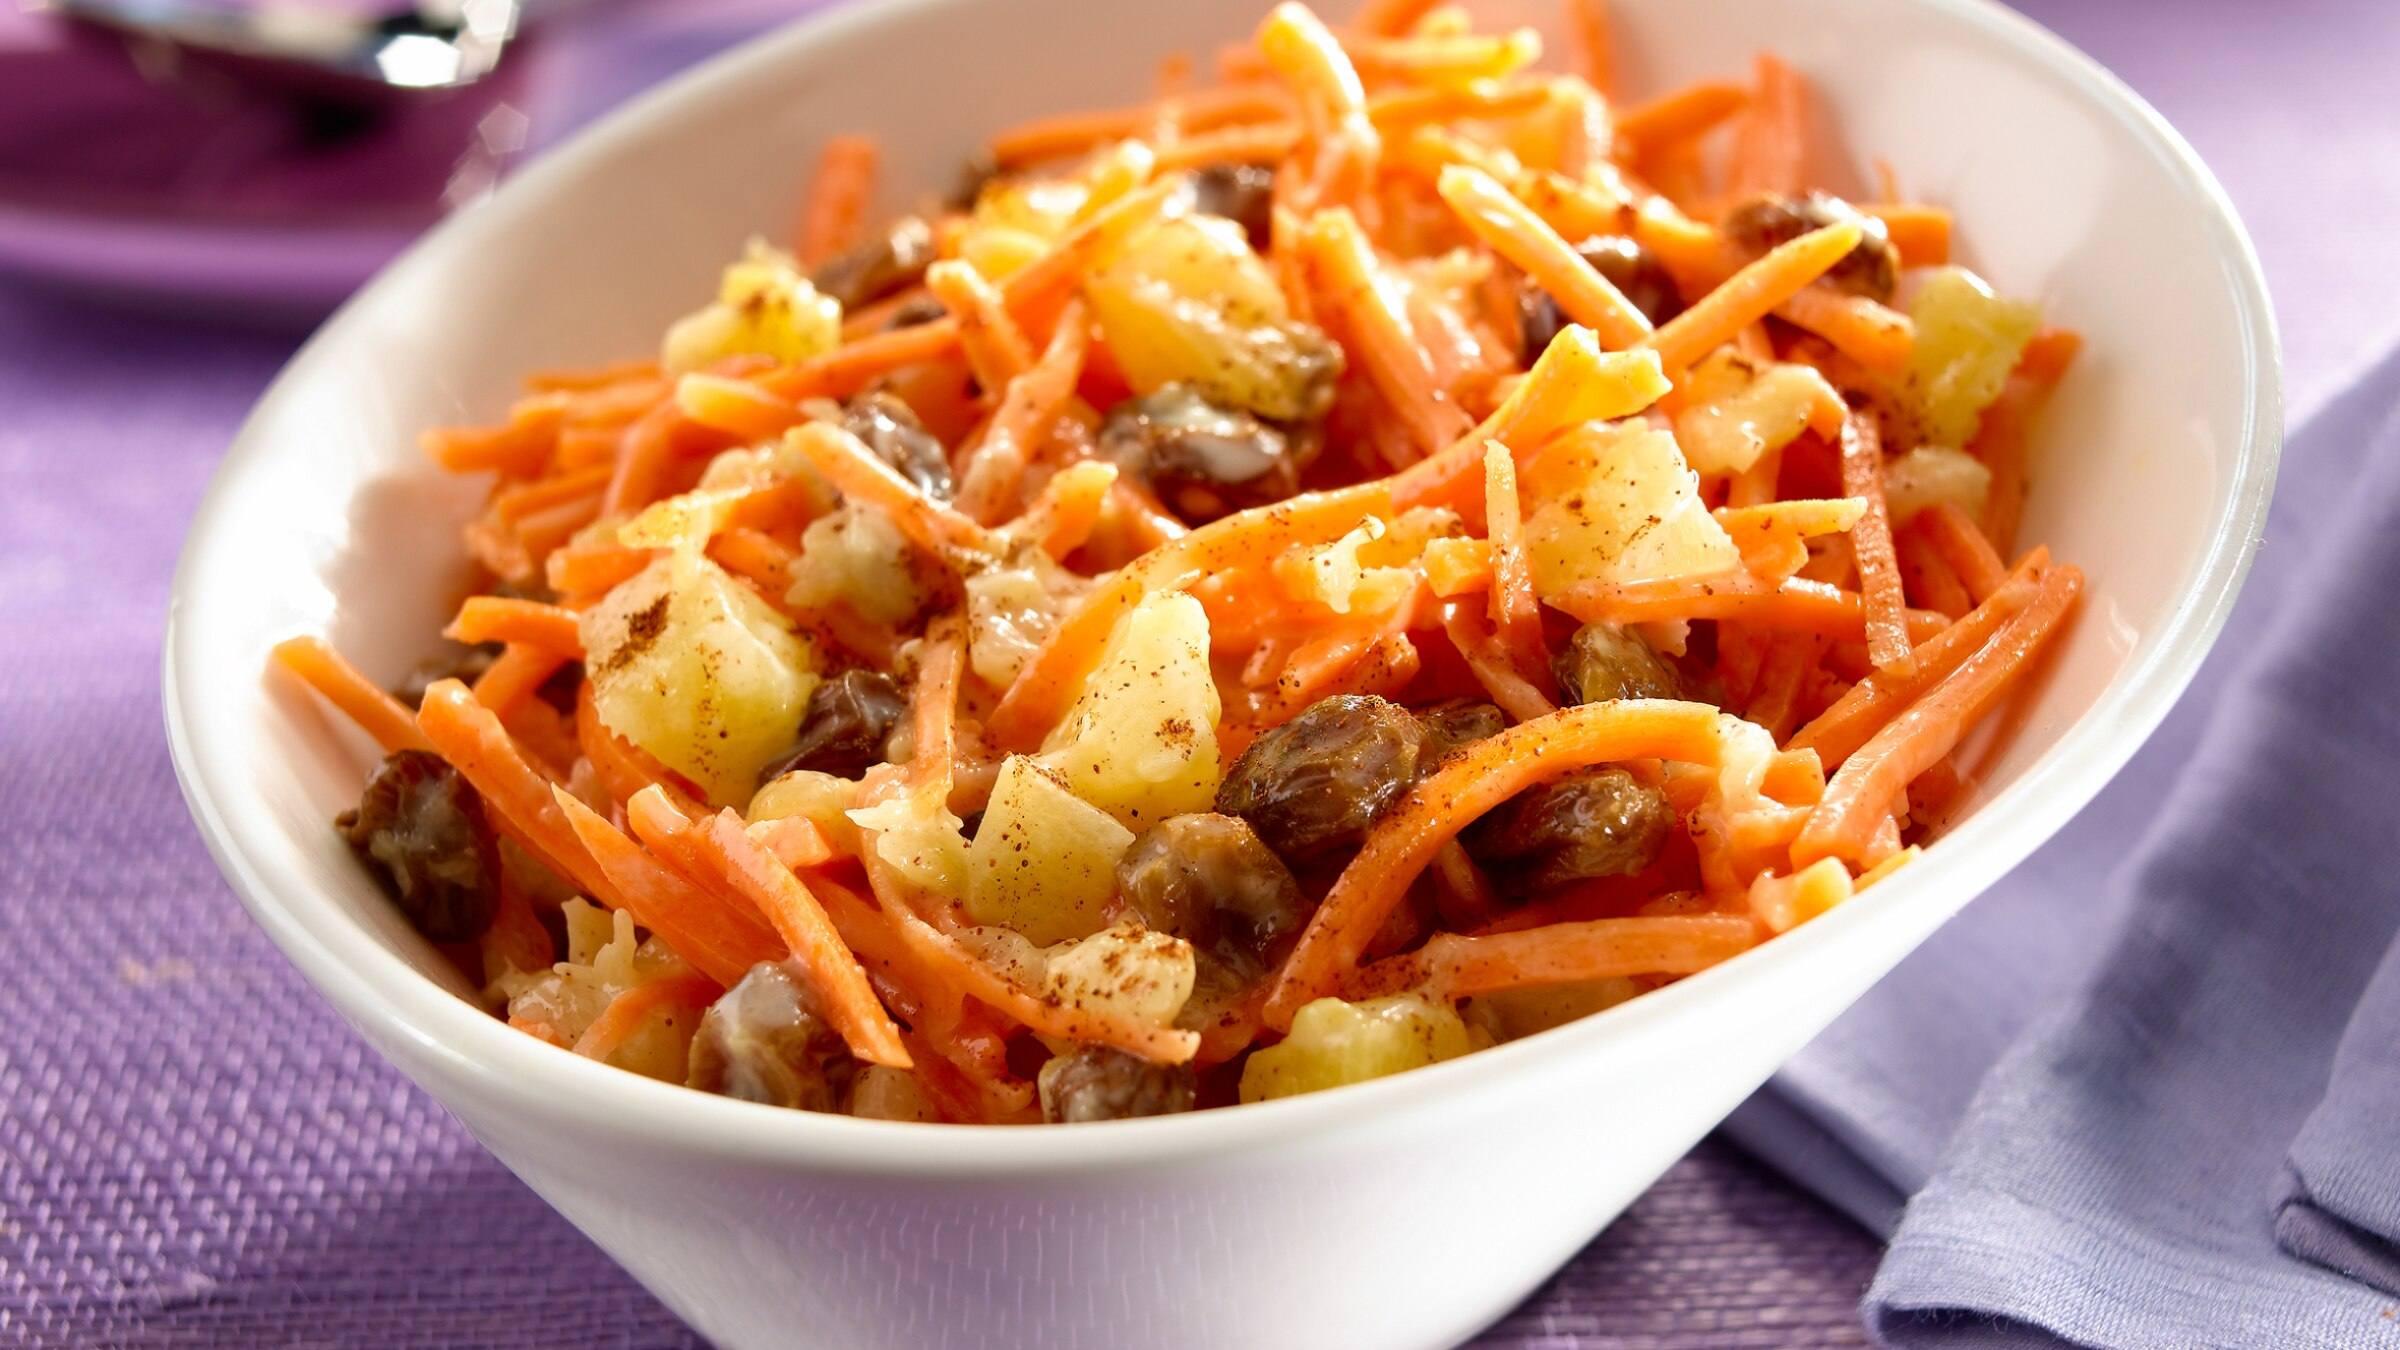 Ensalada Tropical De Pina Y Zanahoria Arroz basmati 1 aguacate 100 g de salmón ahumado piña gambas cocidas zanahoria rallada aceite vinagre y sal. ensalada tropical de pina y zanahoria